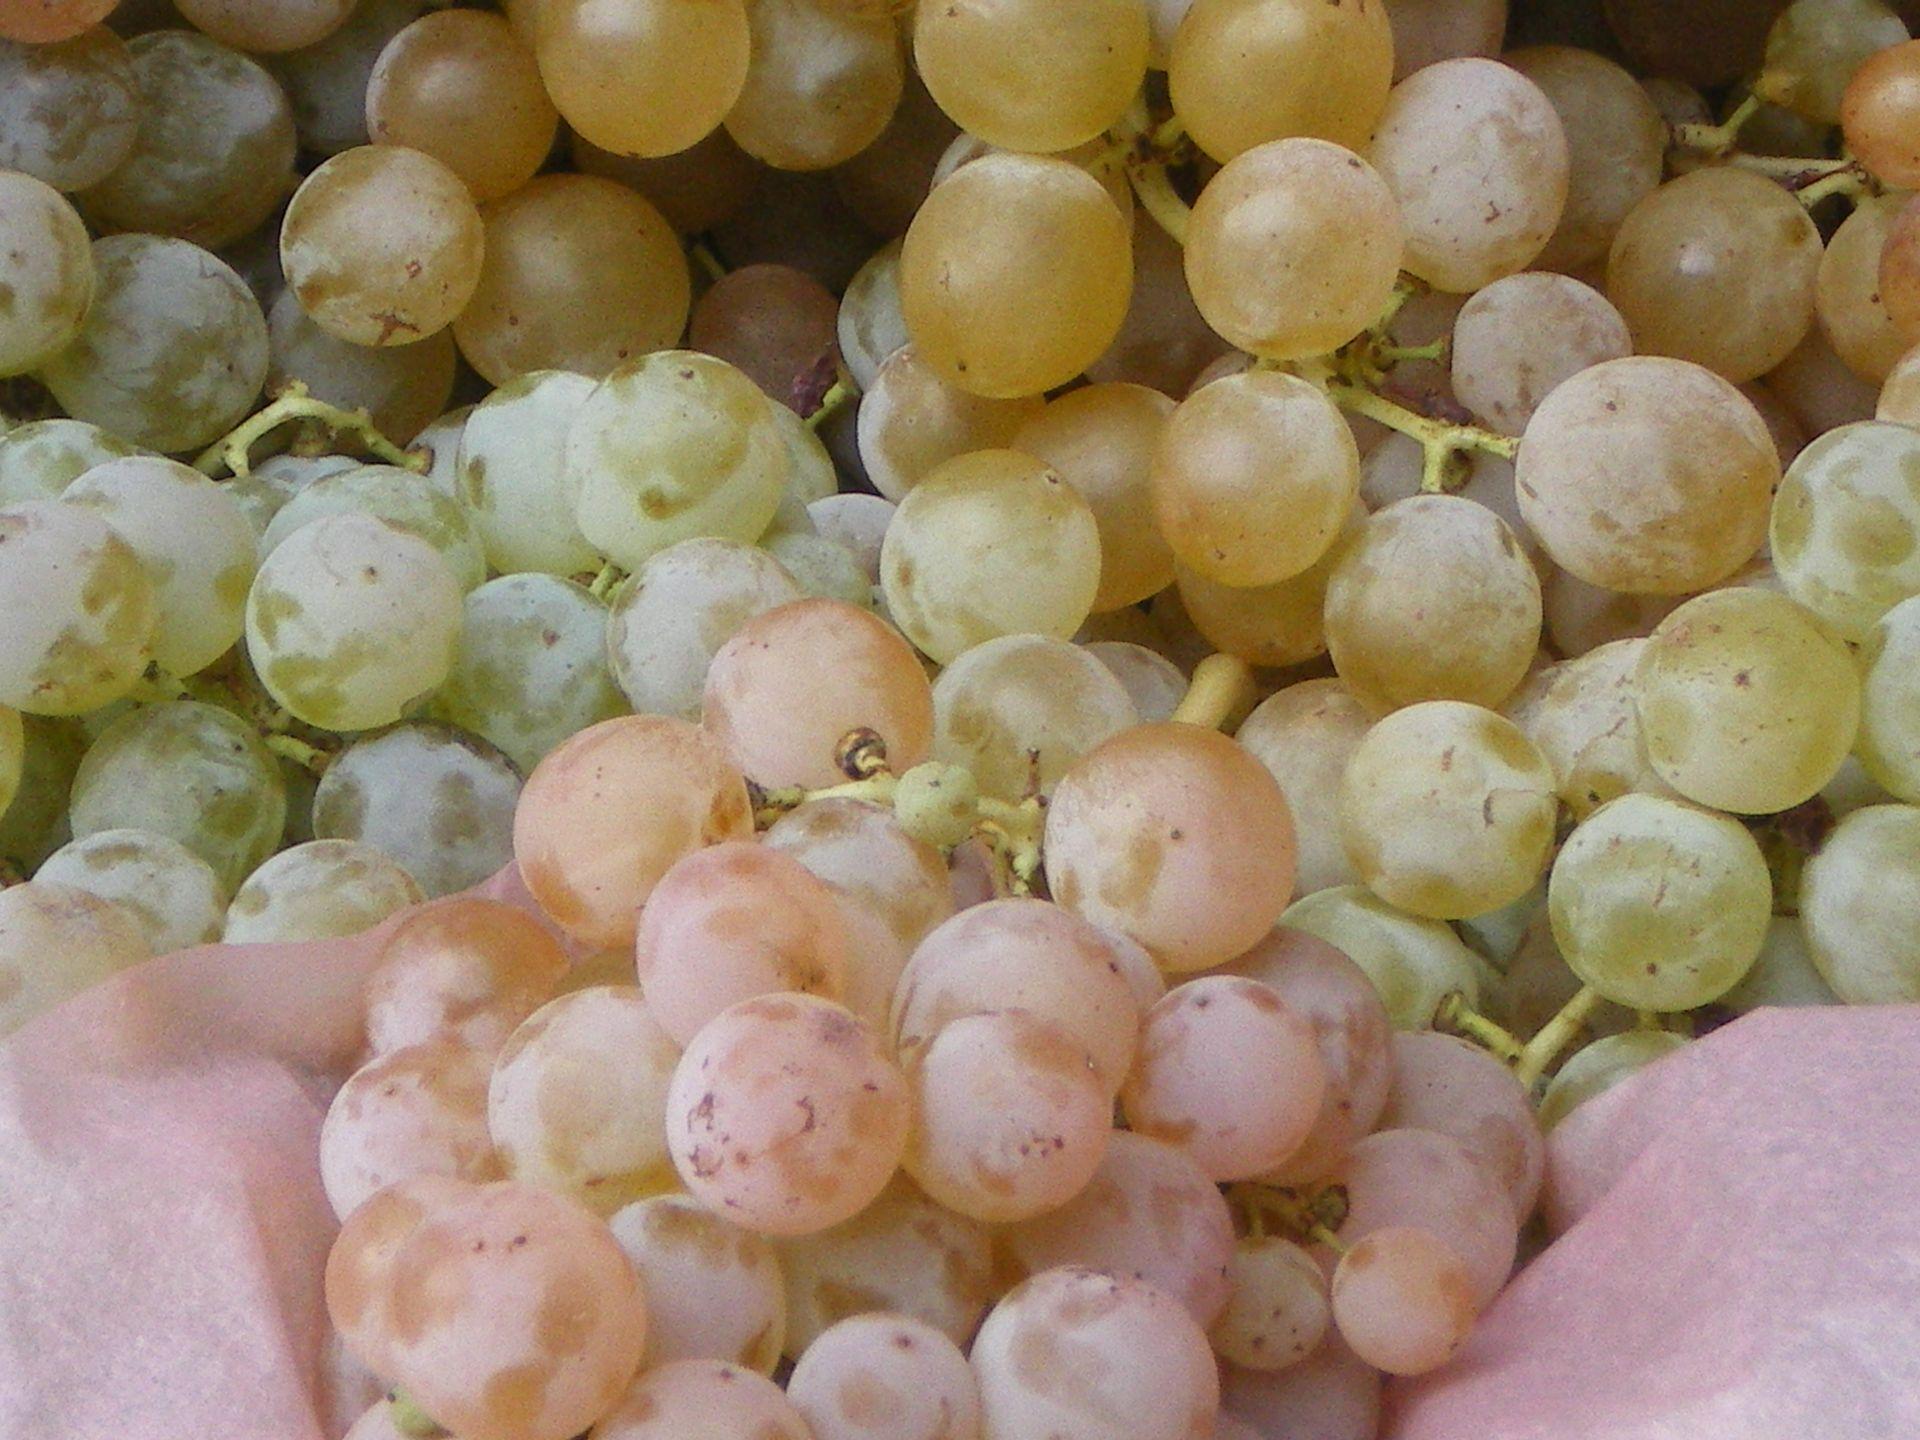 Grappes de servant, raisin de table de fin d'année